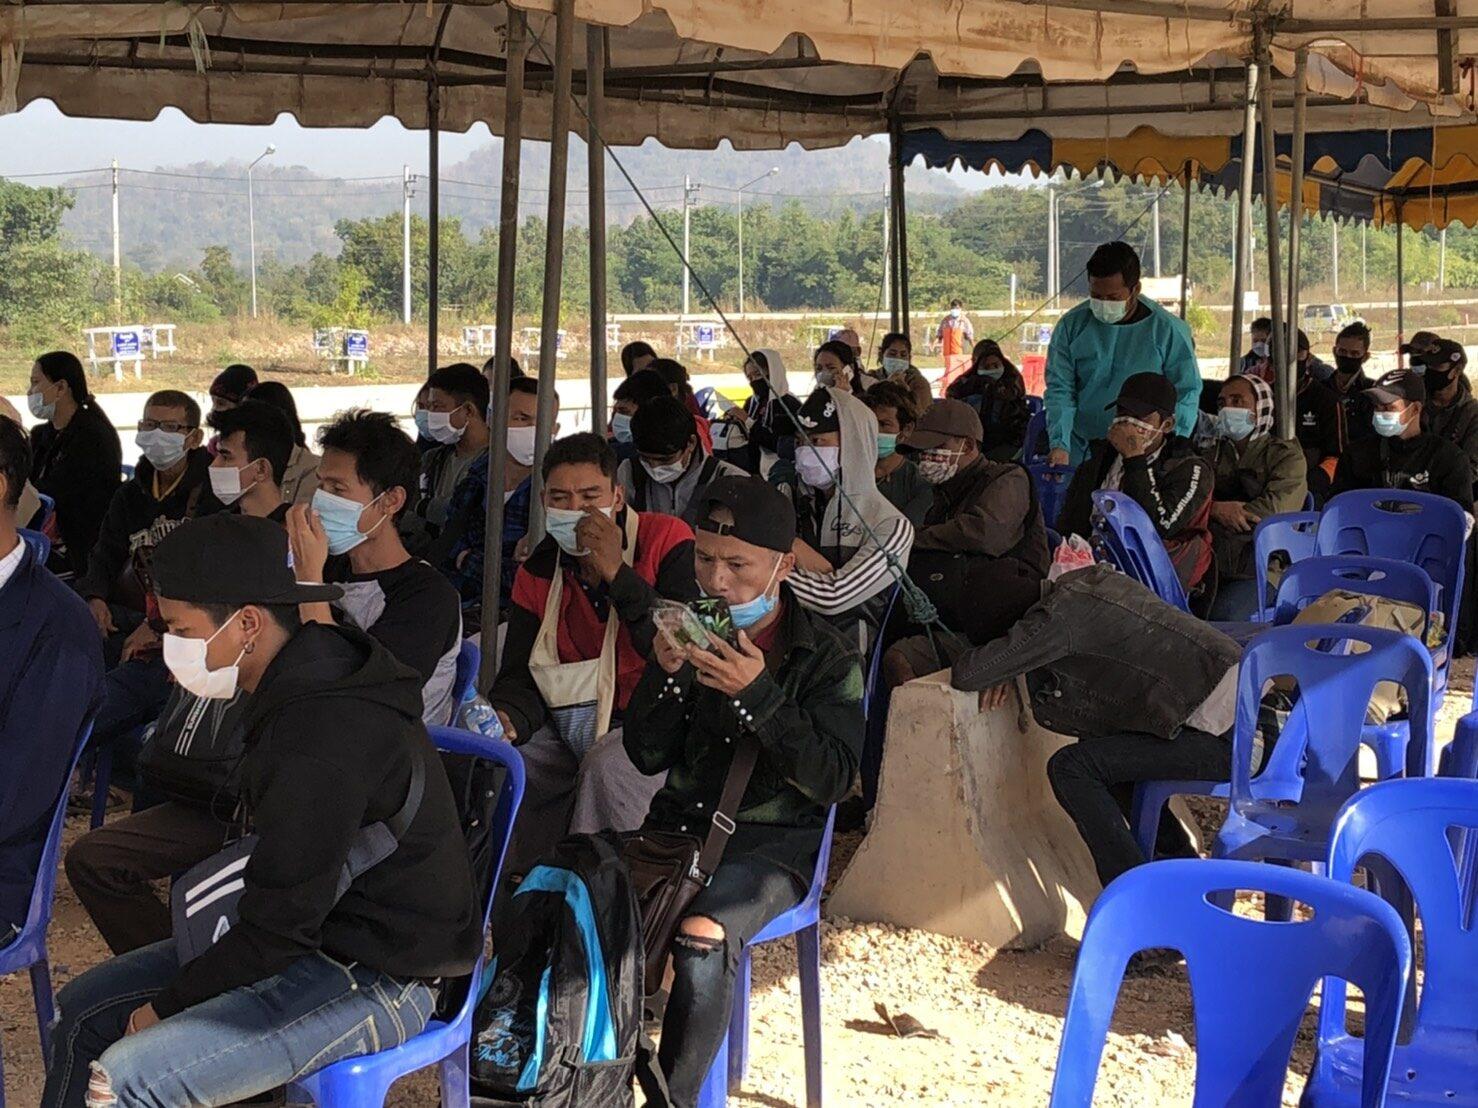 'พม่า' เข้มกักตัว 21 วัน แรงงานพม่าในไทยกว่า 200 คน แห่กลับภูมิลำเนา หนีโควิด-19